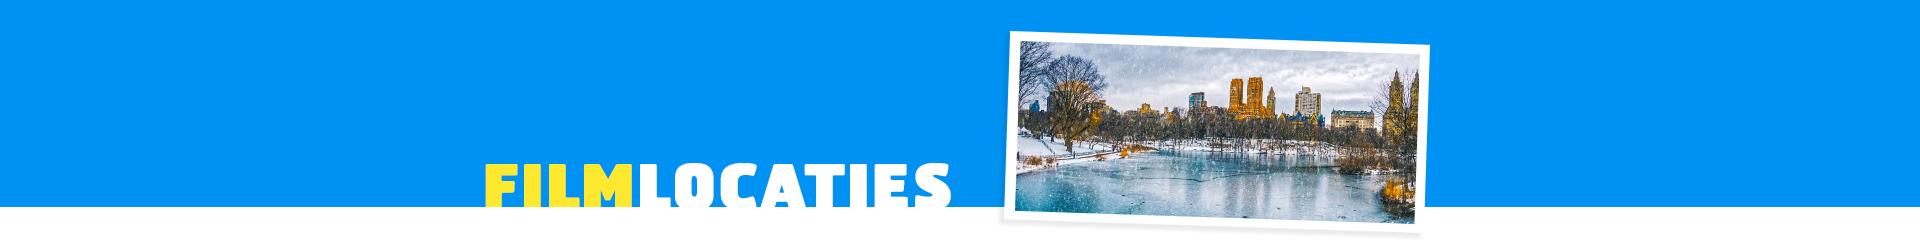 Filmlocatie Home Alone 2 - Het prachtige New York